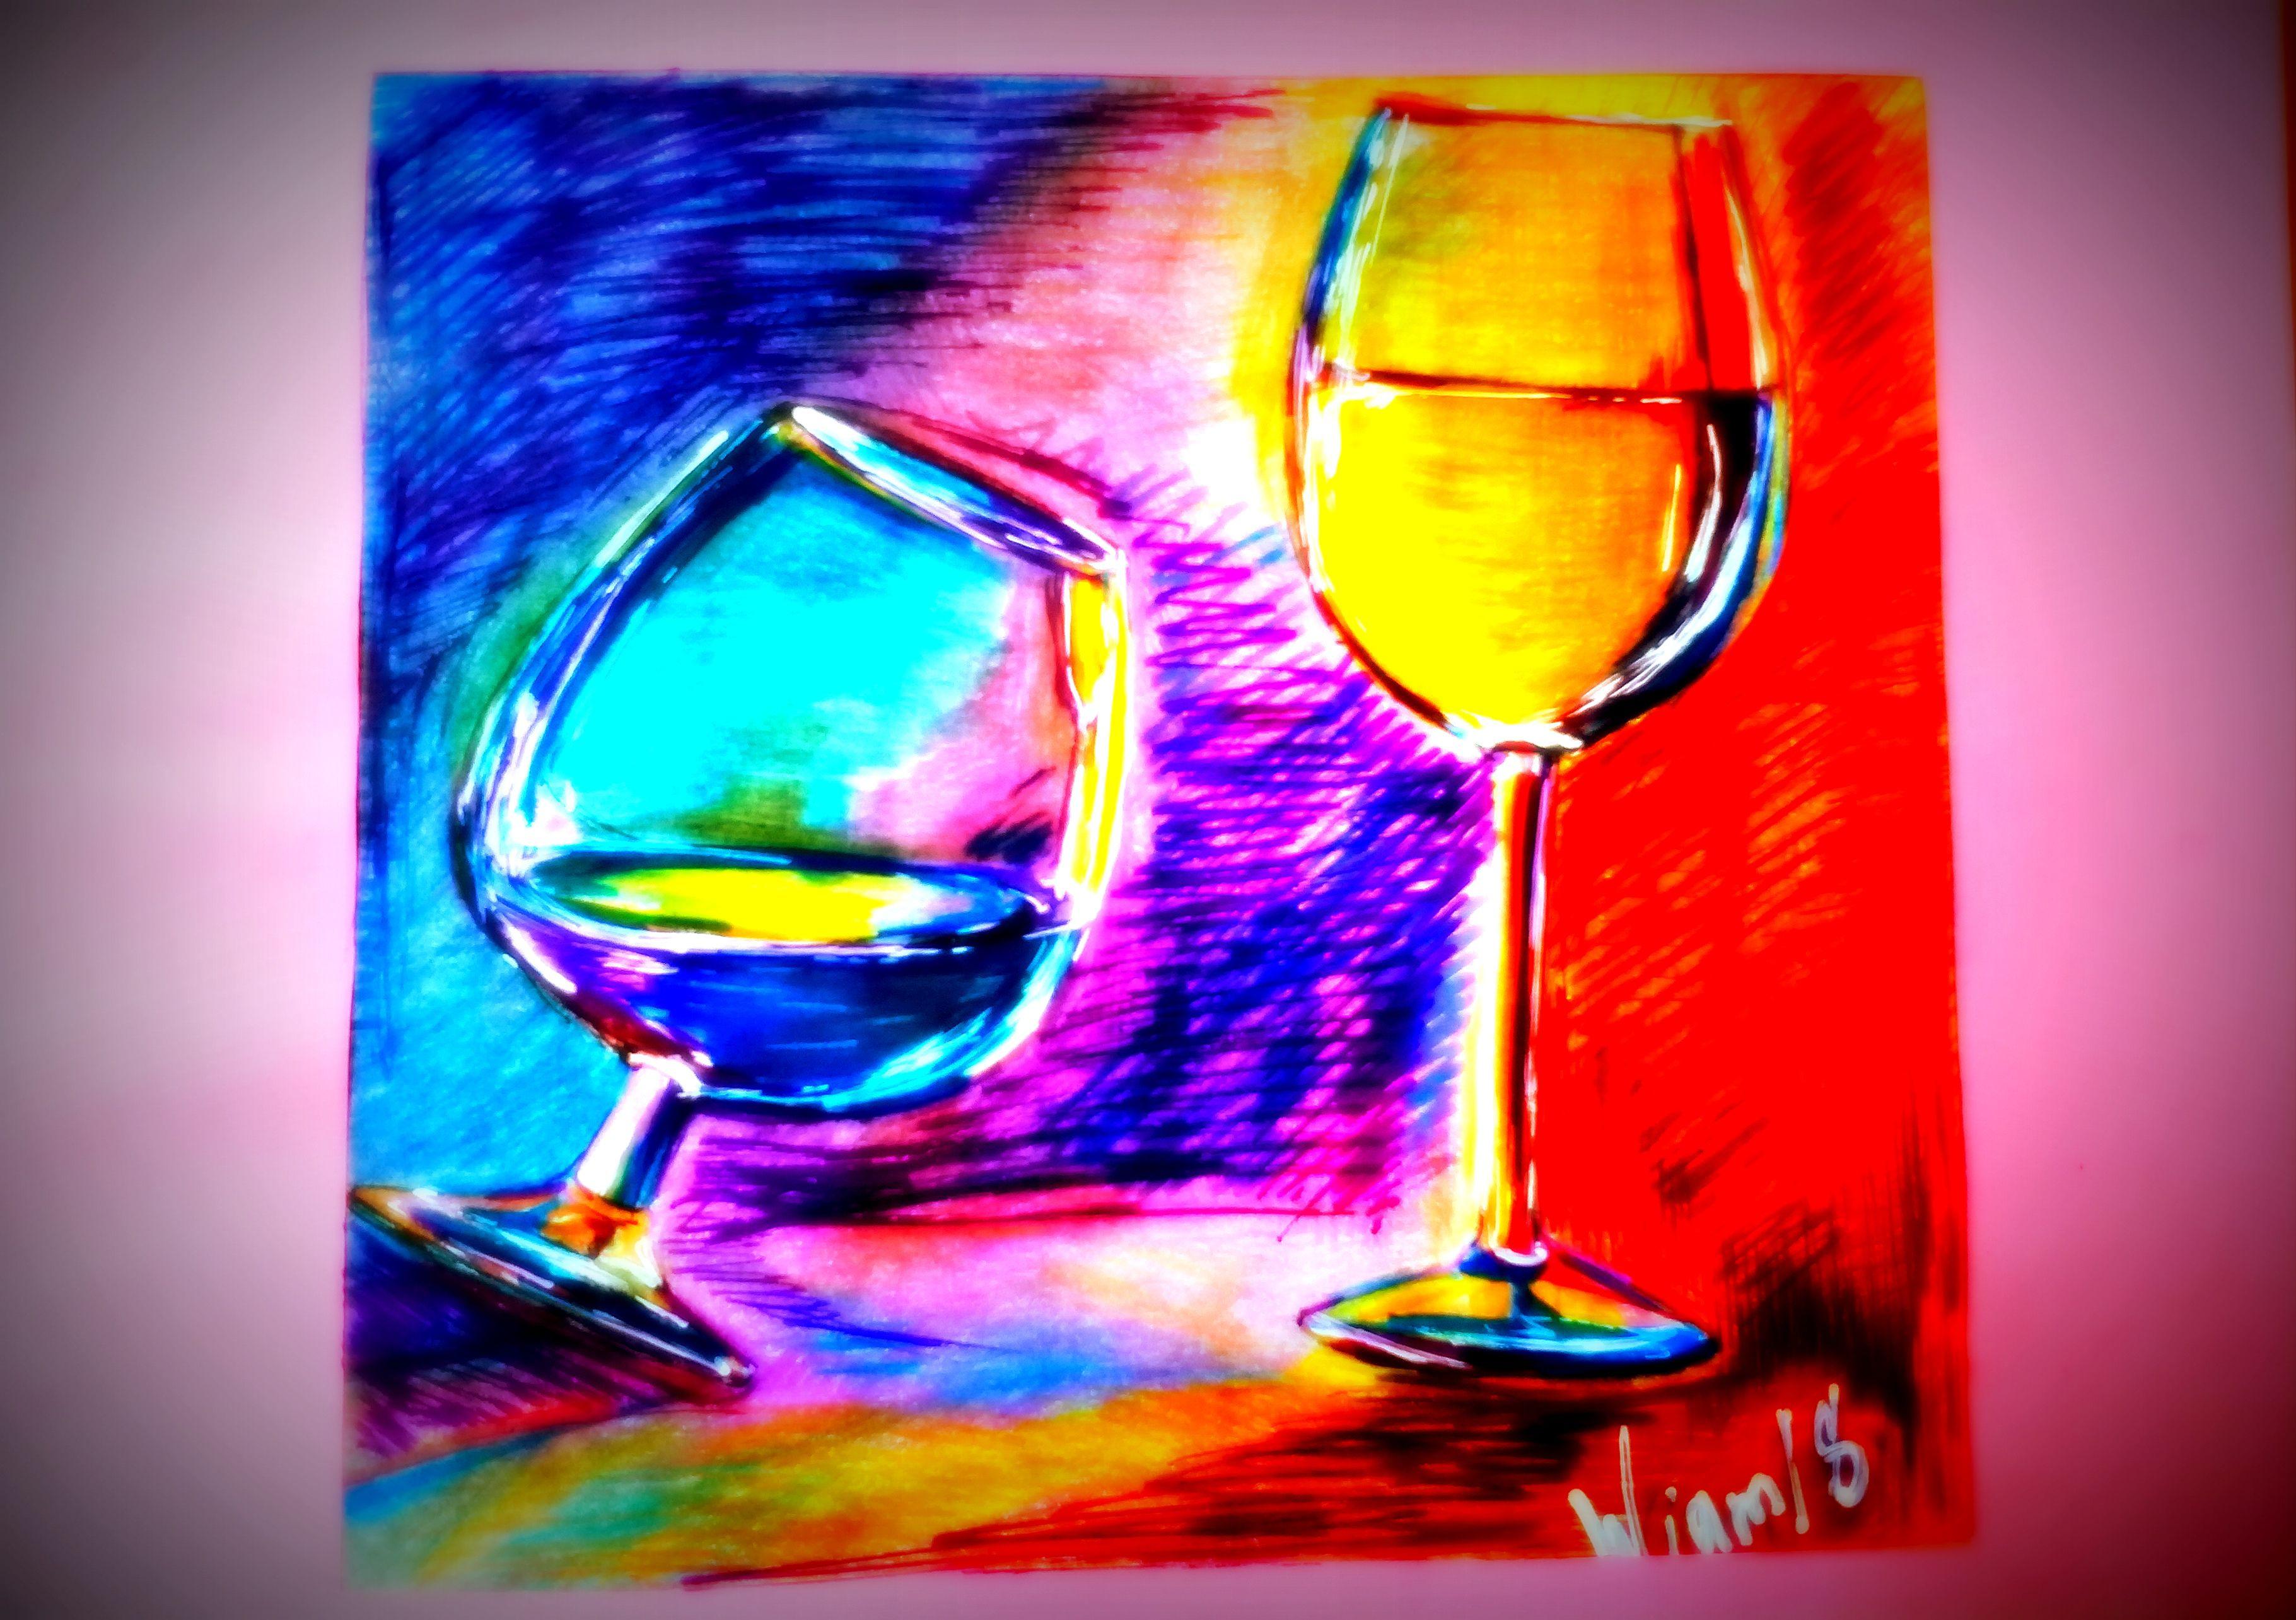 вина бокал свет текло цвет рисунок карандаши вино цветные